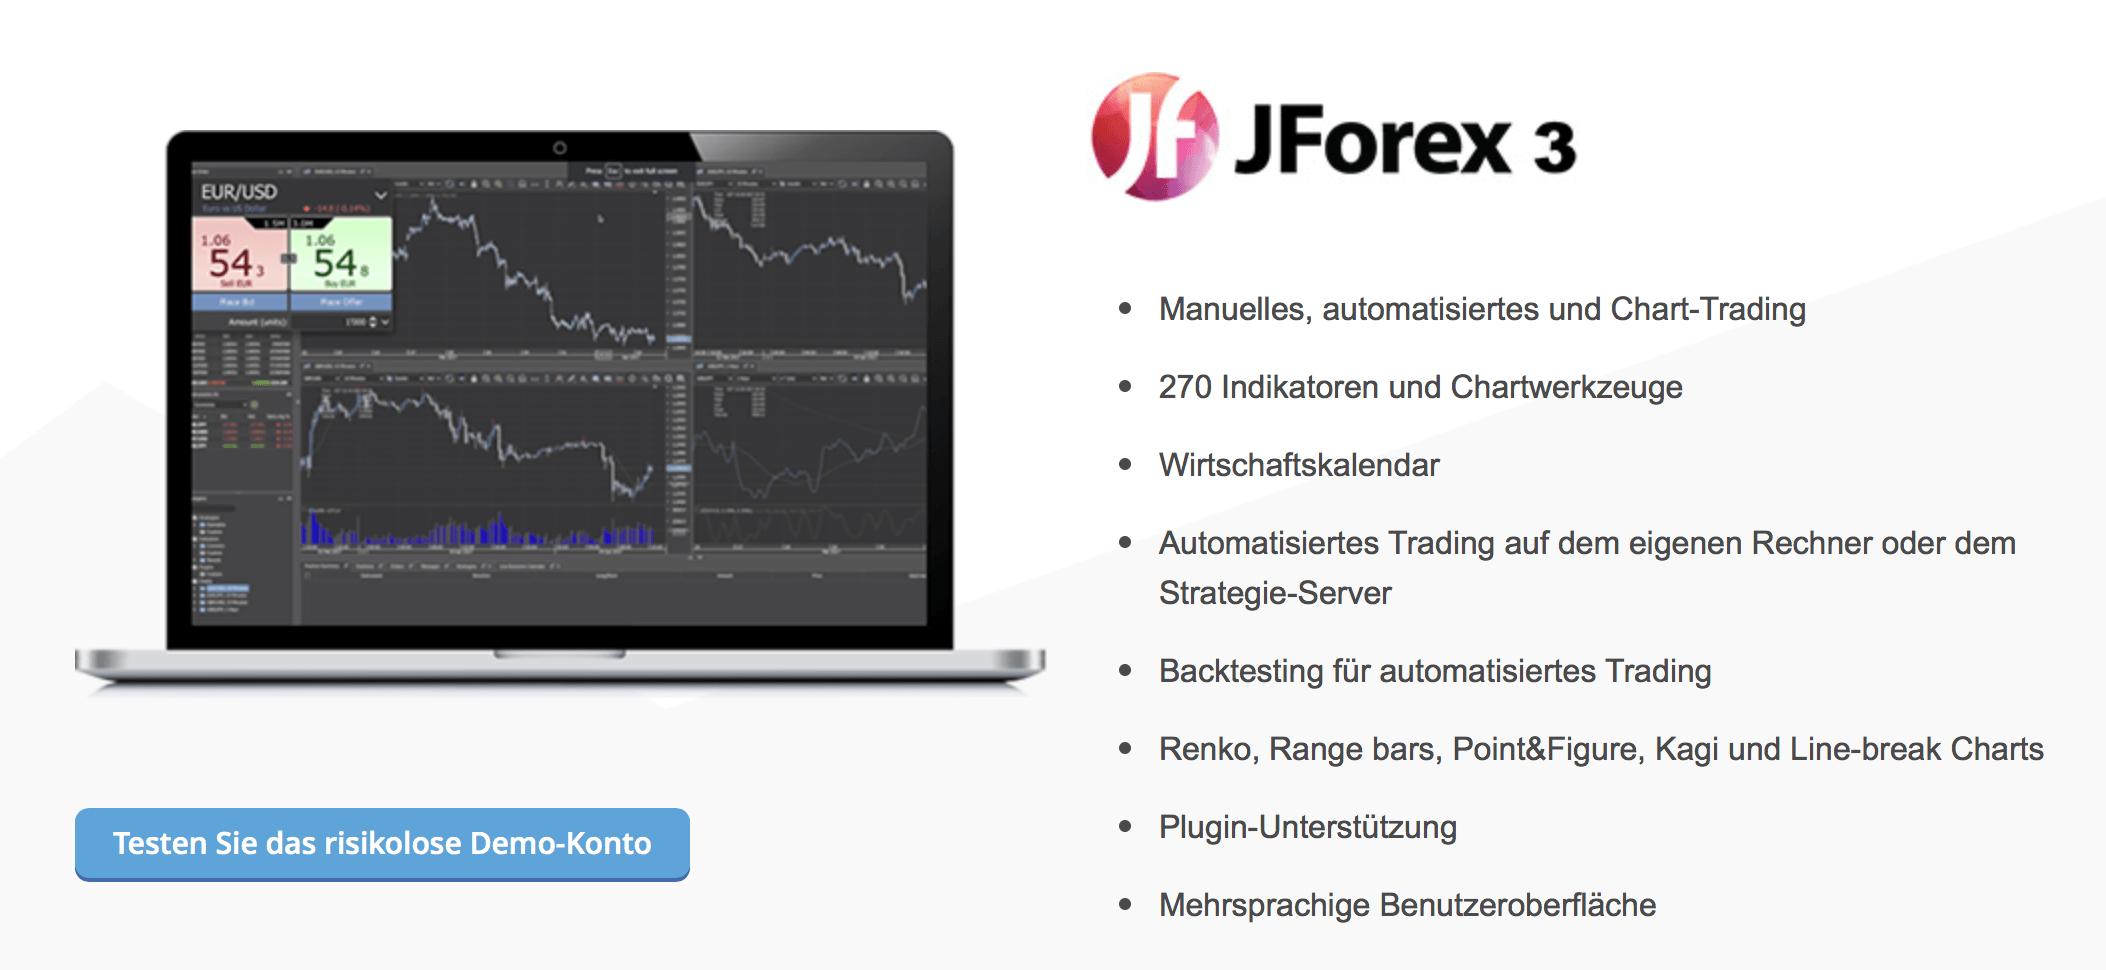 Das Trading kann bei Dukascopy unter anderem über JForex 3 erfolgen